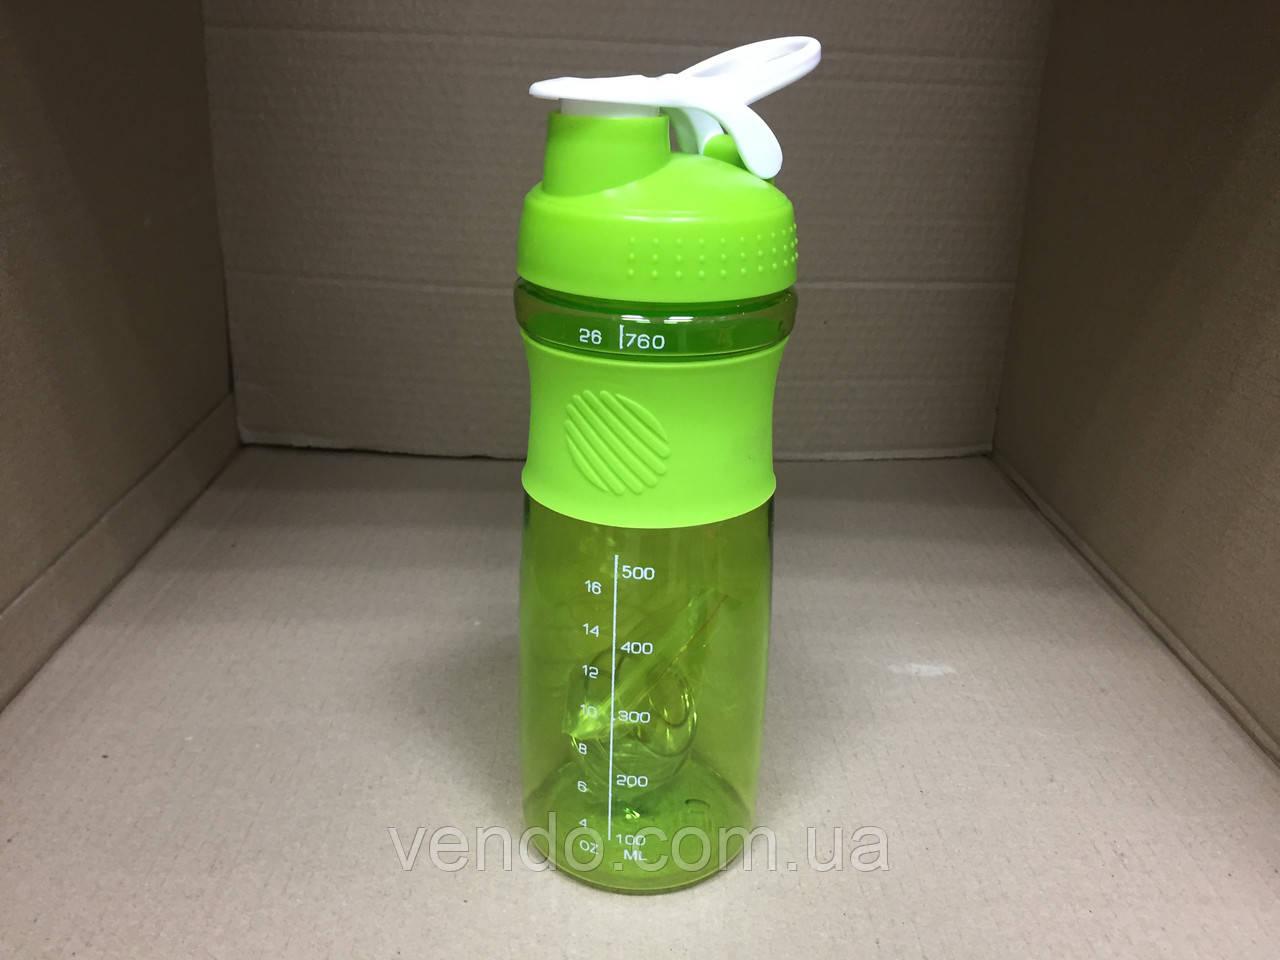 Бутылки для спортивного коктейля вакуумный упаковщик и его преимущества